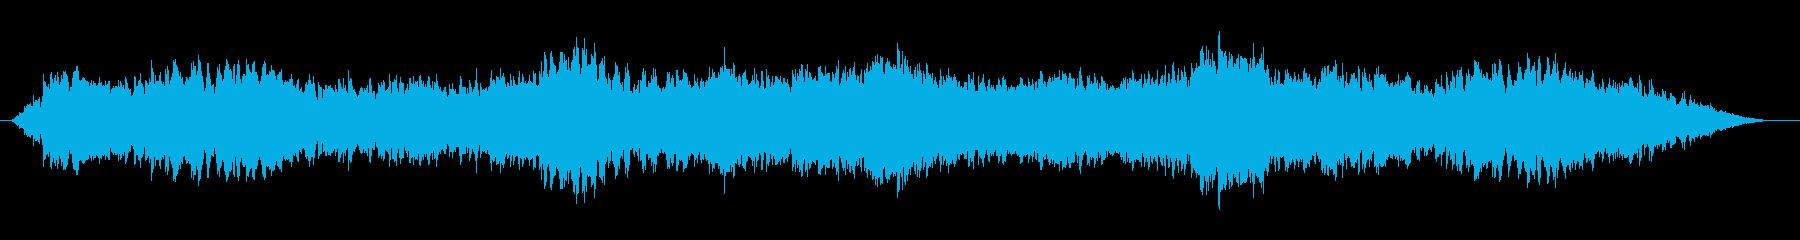 漂うイメージのループ曲の再生済みの波形